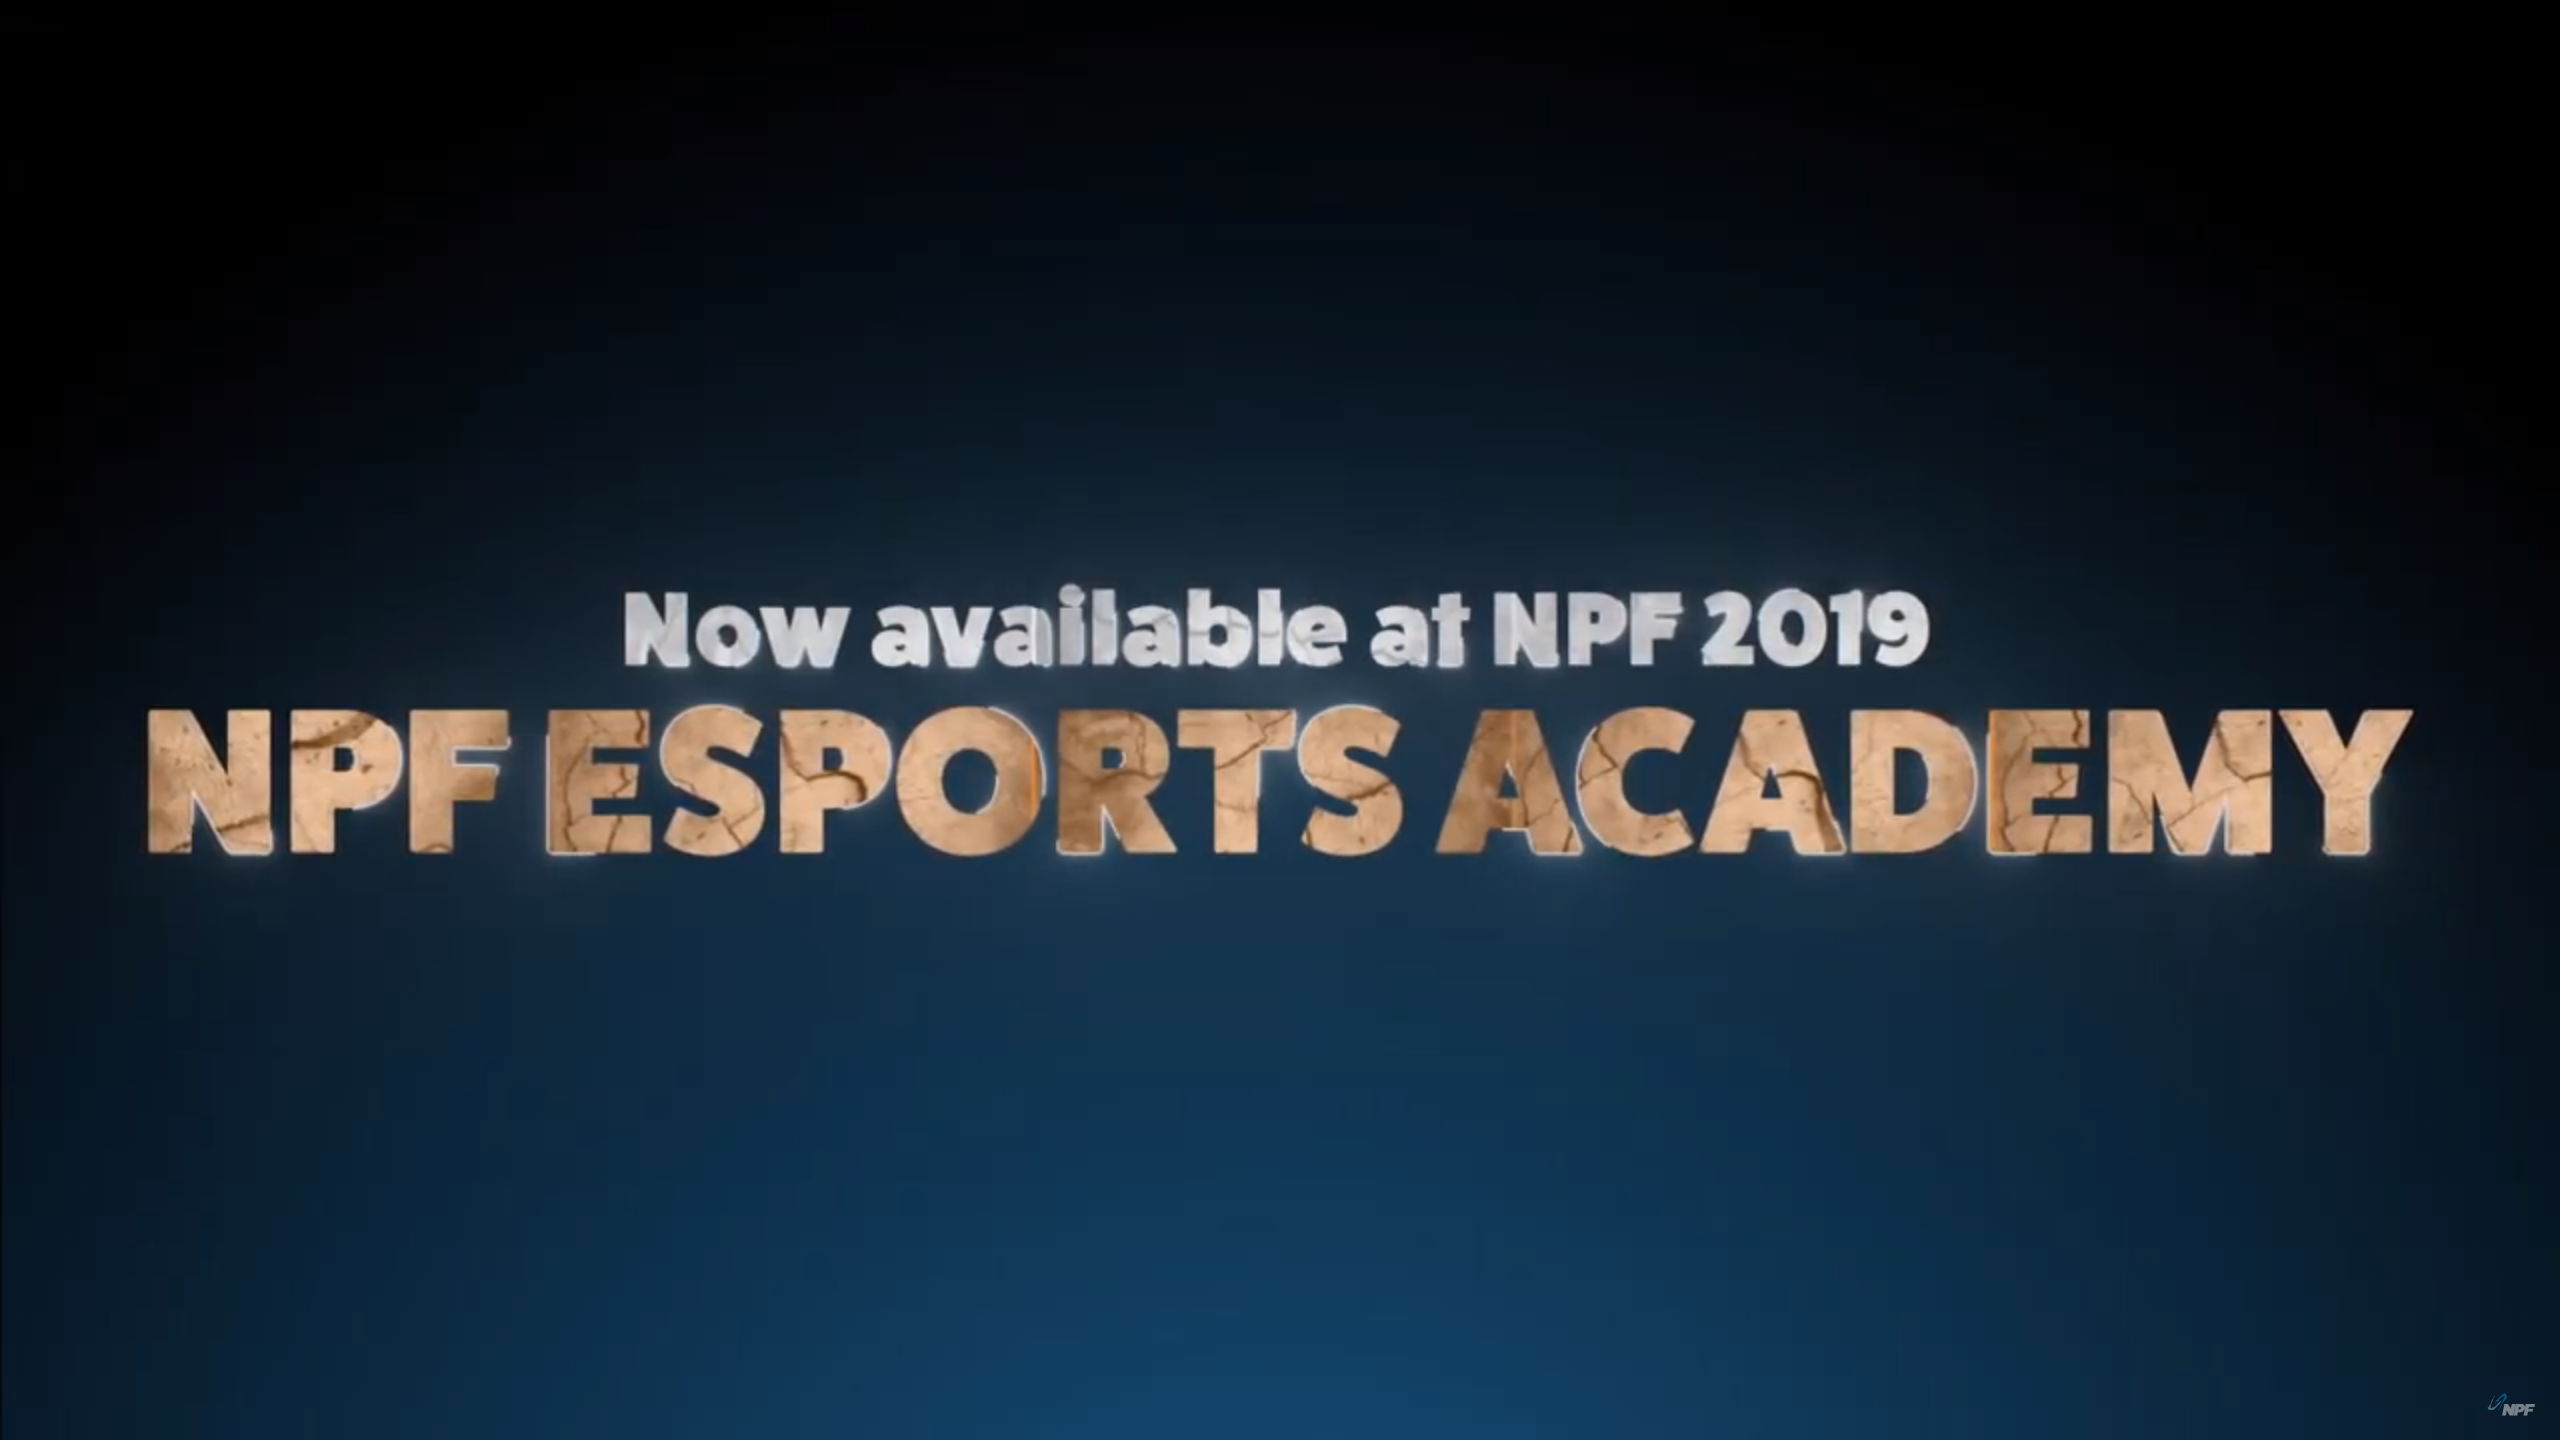 NPFAcademy NPF 2019